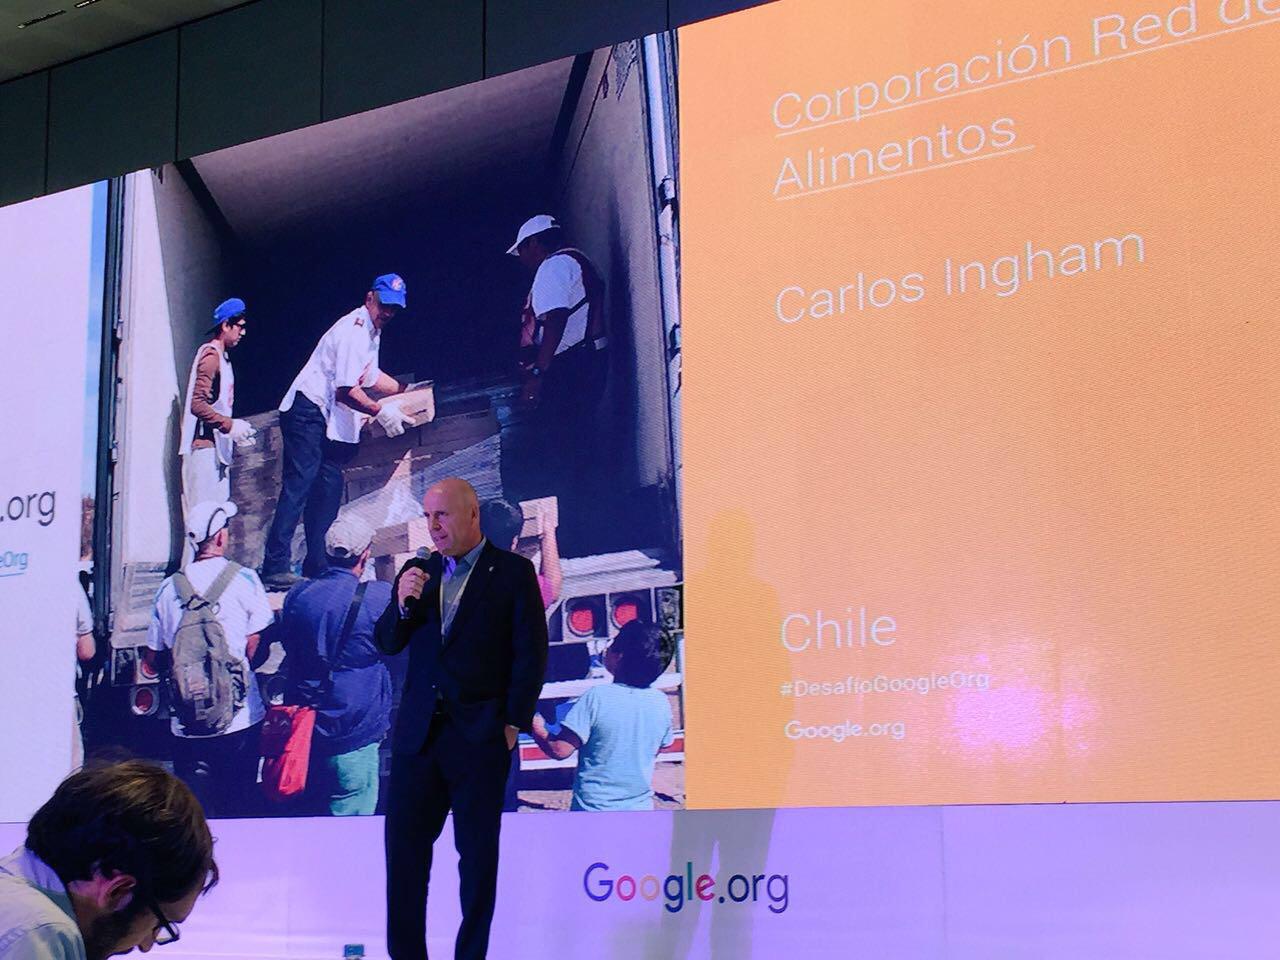 Red de alimentos, la ONG chilena es premiada a nivel latinoamericano por Desafío Google.org